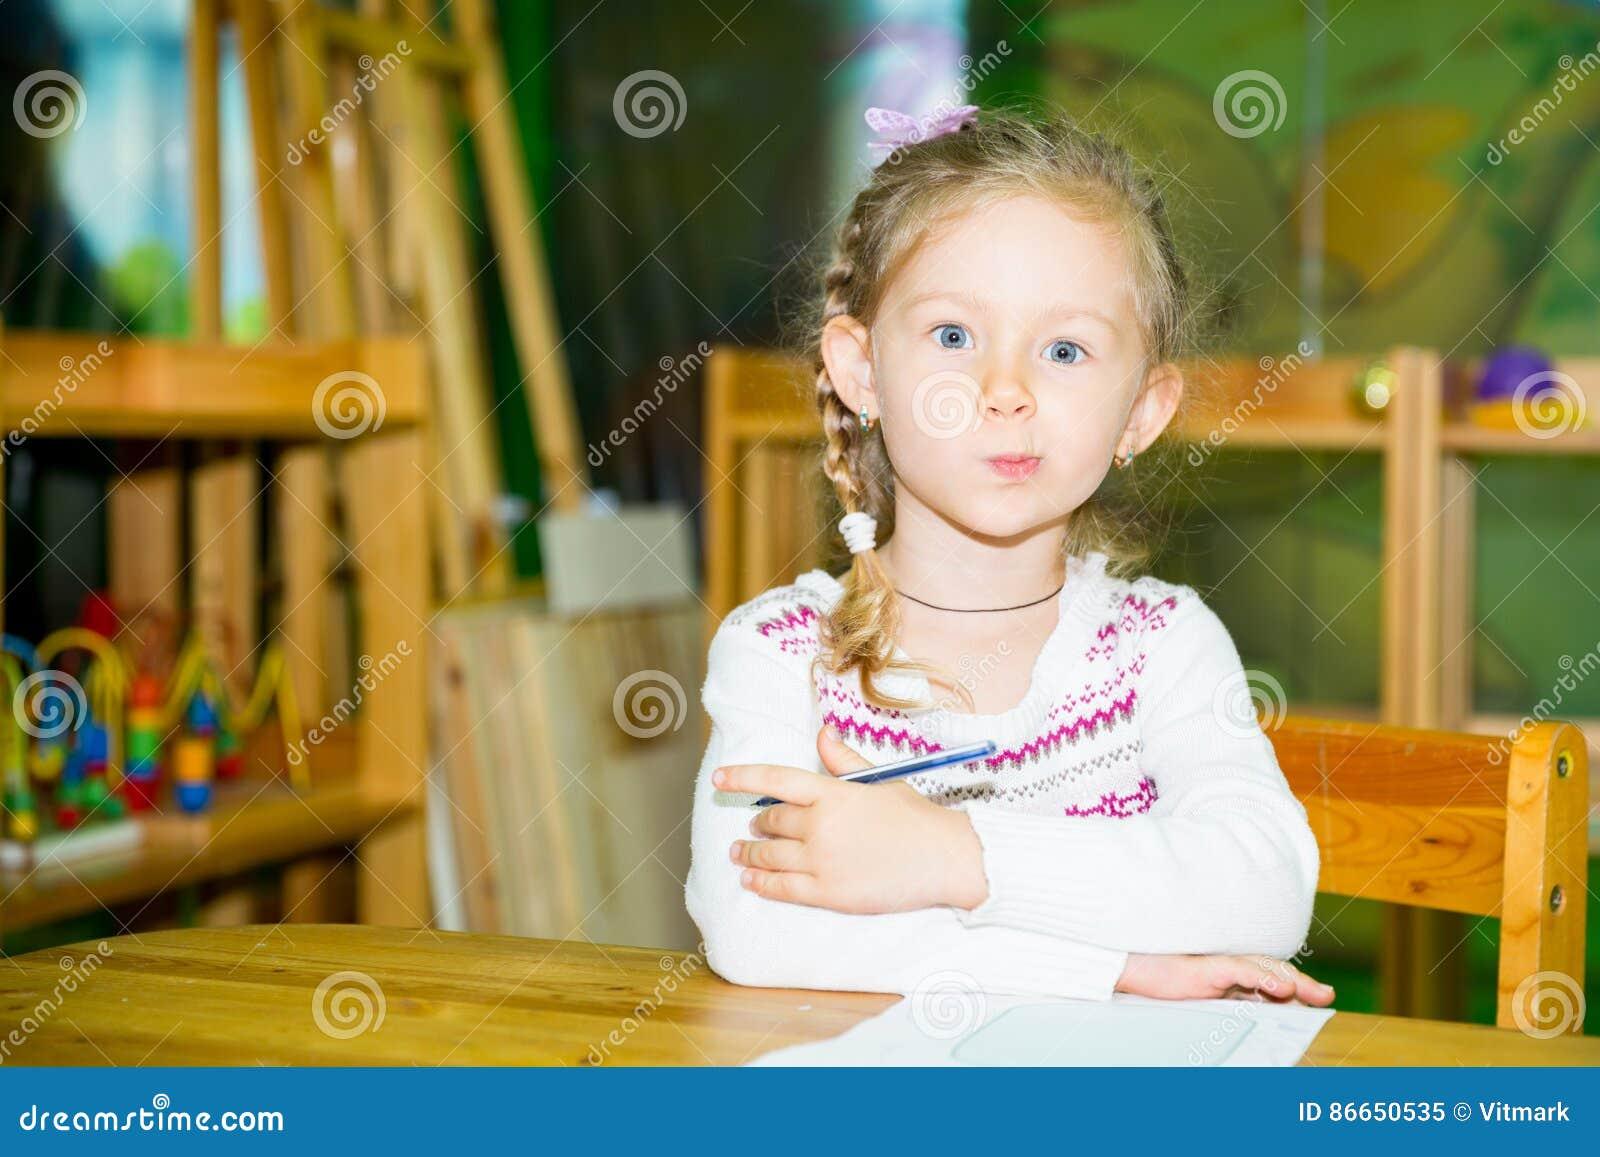 与五颜六色的铅笔的可爱的儿童女孩图画在托儿所屋子里 孩子在幼儿园在蒙台梭利幼儿园类